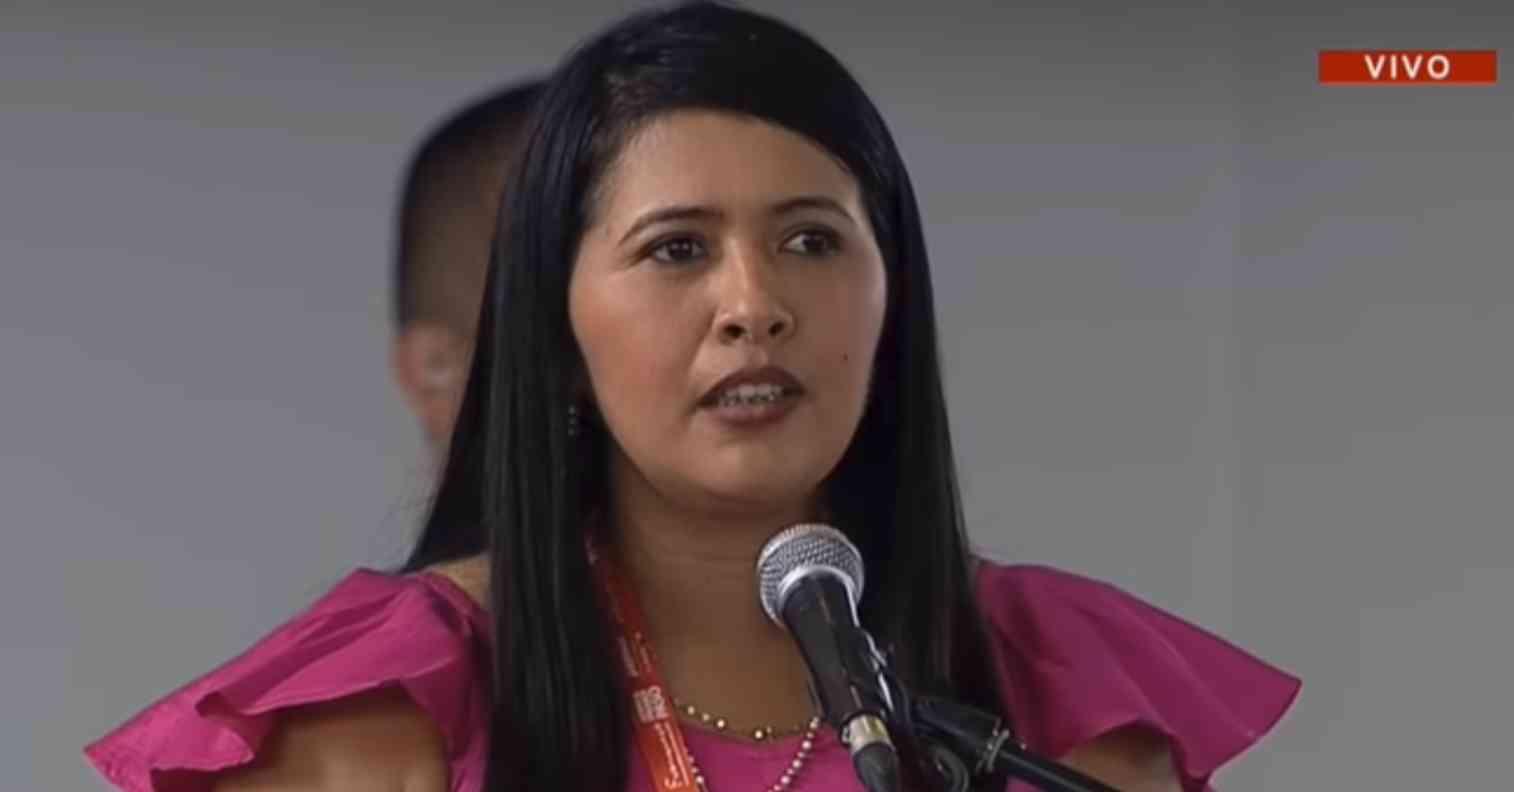 Directora del Centro de Convivencia Ciudadana, un ejemplo de superación y dignidad